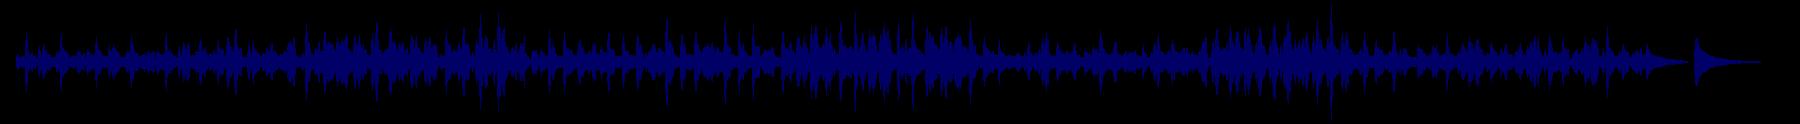 waveform of track #85990